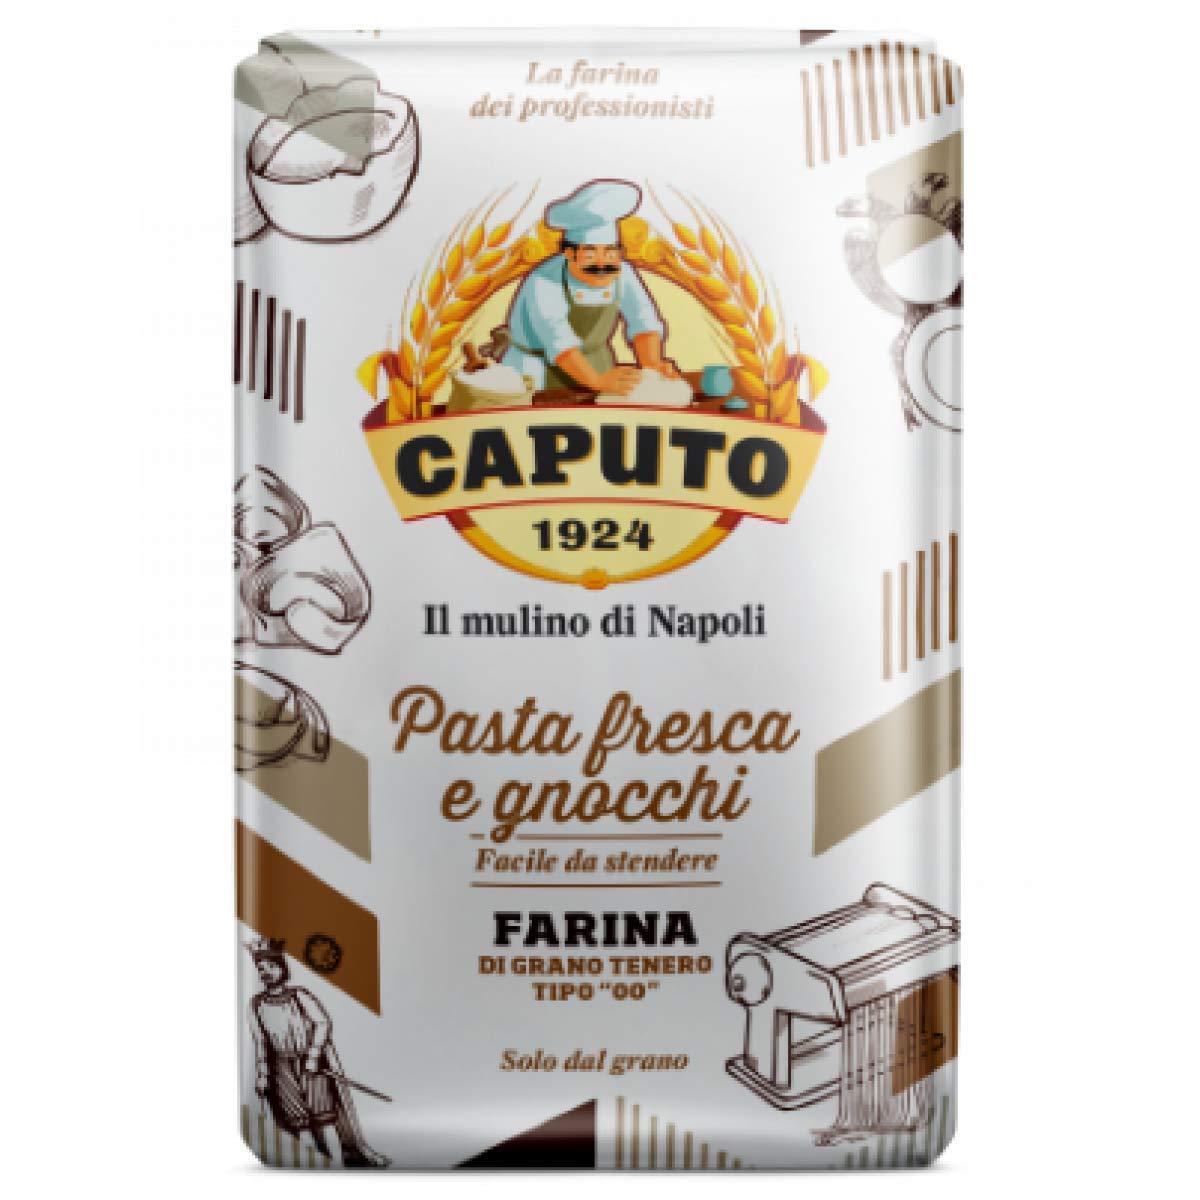 12x Farina Molino Caputo Pasta fresca e gnocchi Napoli Mehl